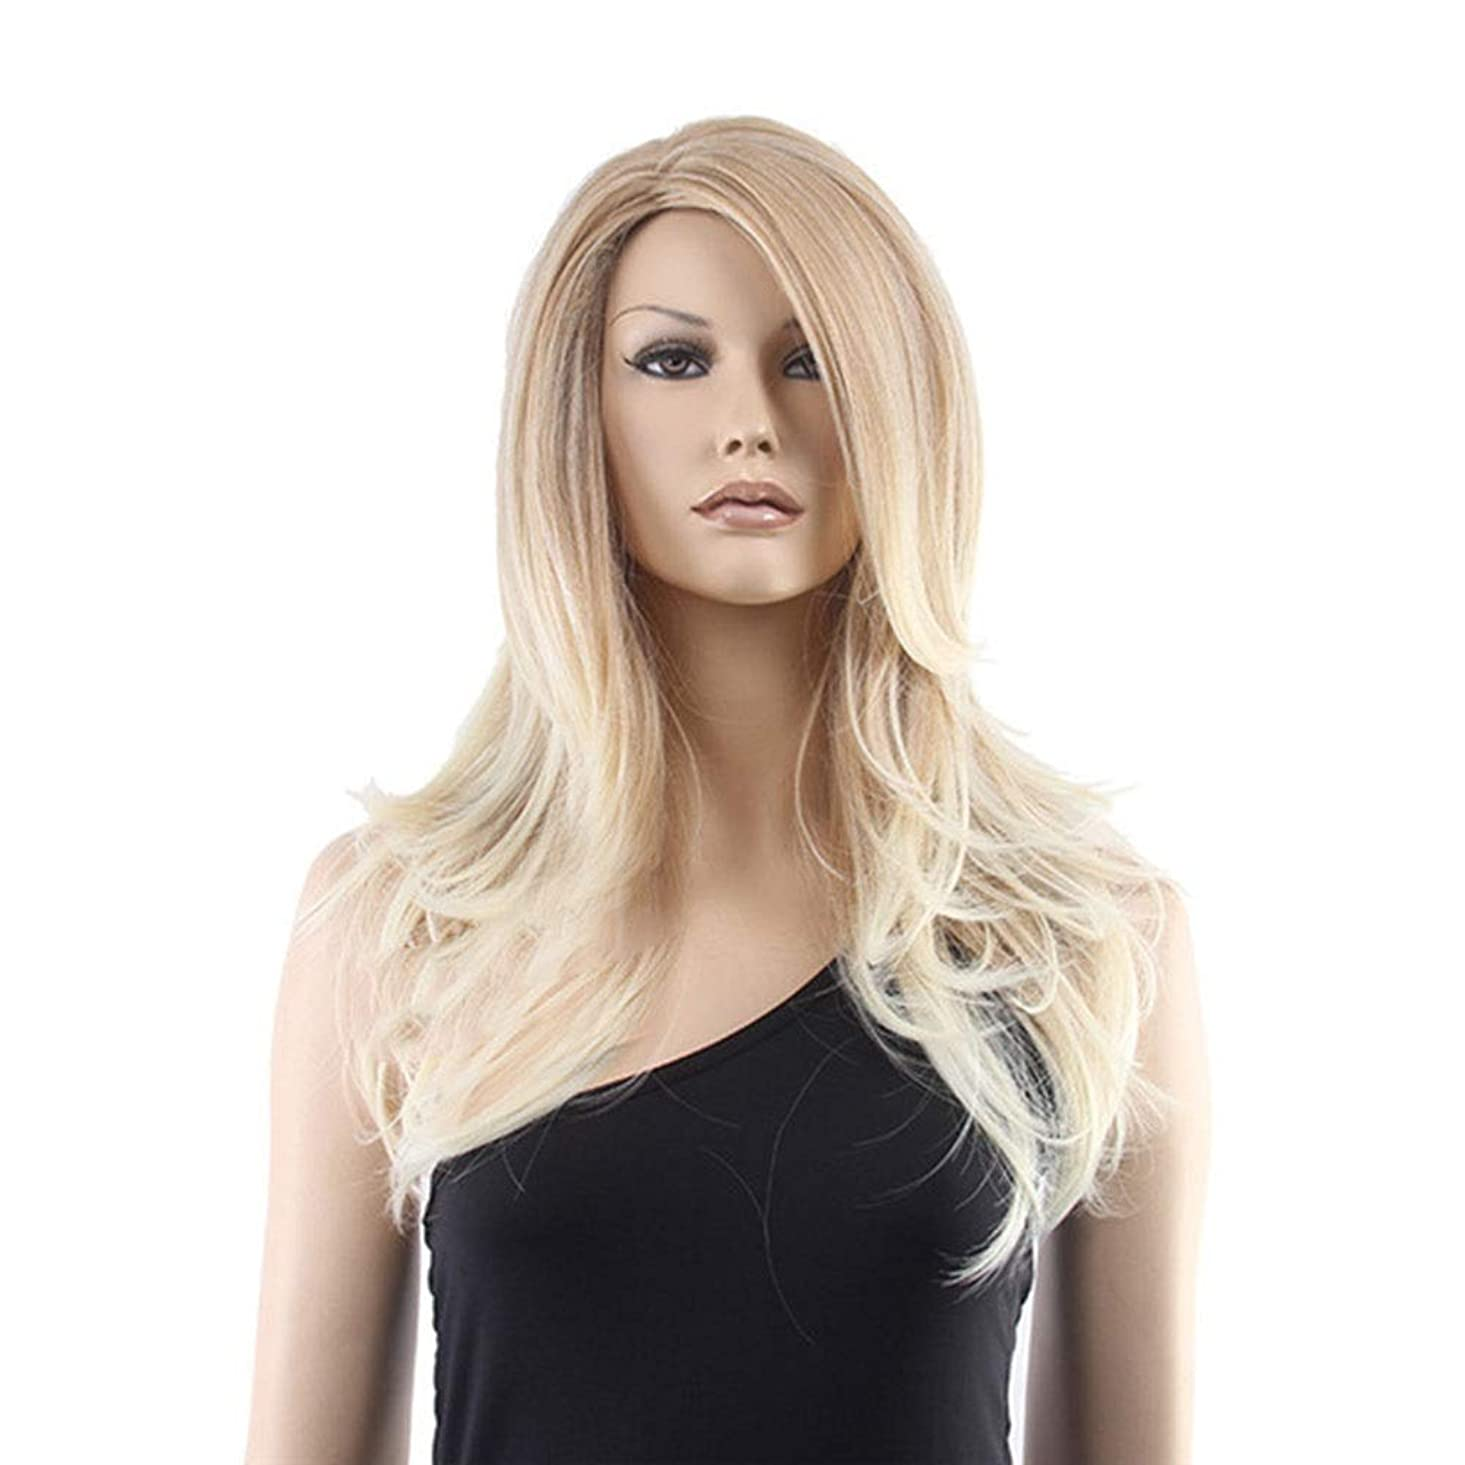 内なるストライドとまり木BOBIDYEE 女性用ウィッグリネンマイクロロールロングヘアと前髪の人工的なかつら合成毛レースのかつらロールプレイングかつら (色 : Photo Color)